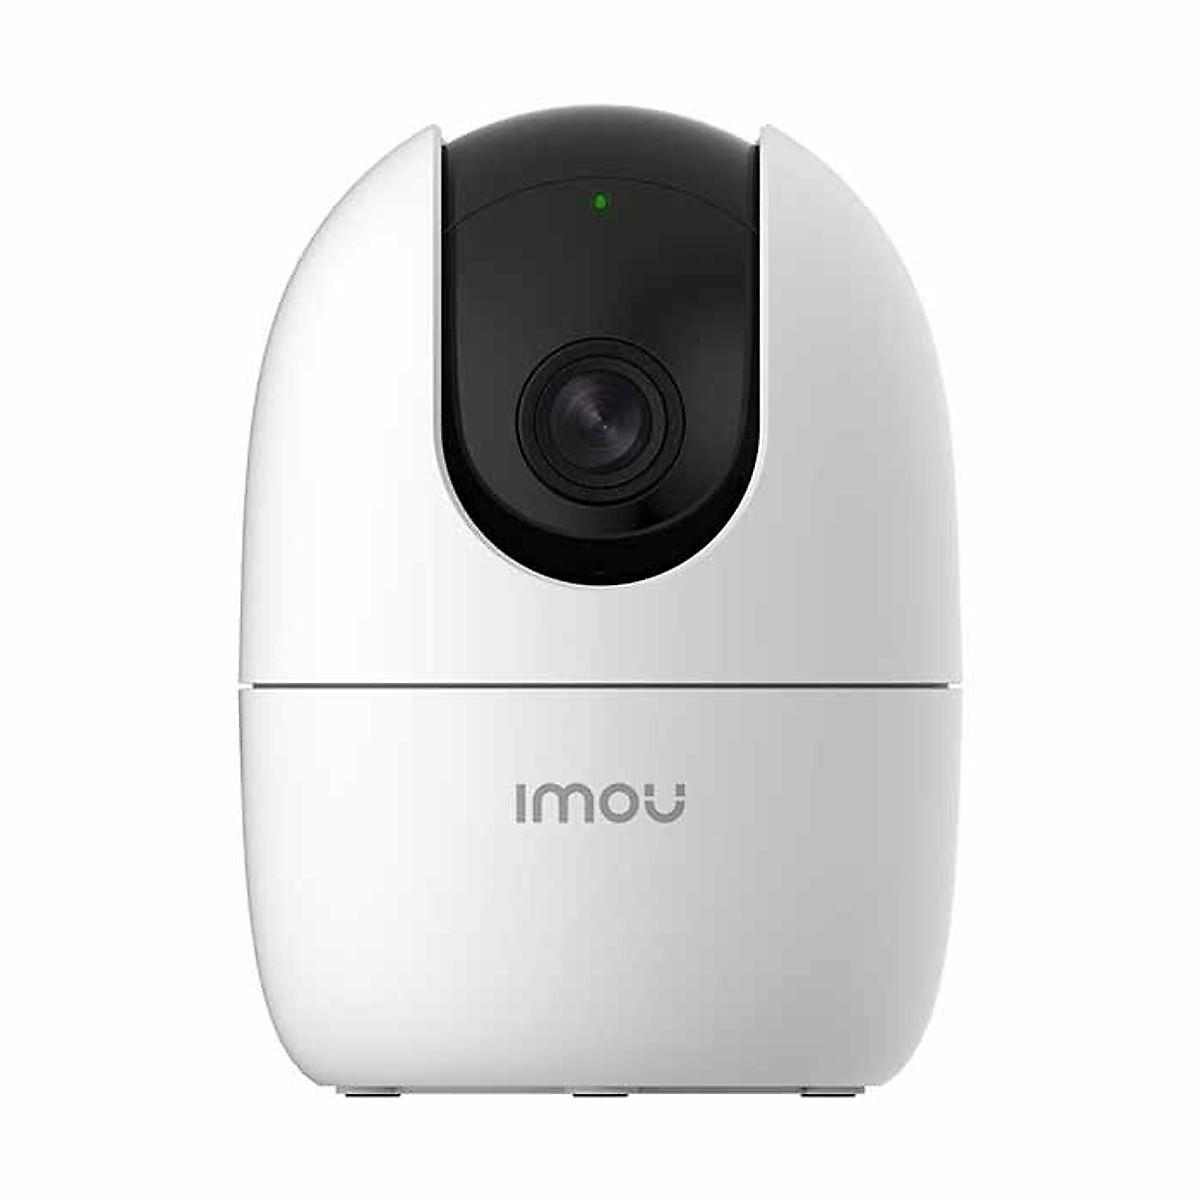 Camera WiFi Dahua IMOU Ranger IPC-A22EP Full HD 1080P - Hãng Phân Phối Chính Thức